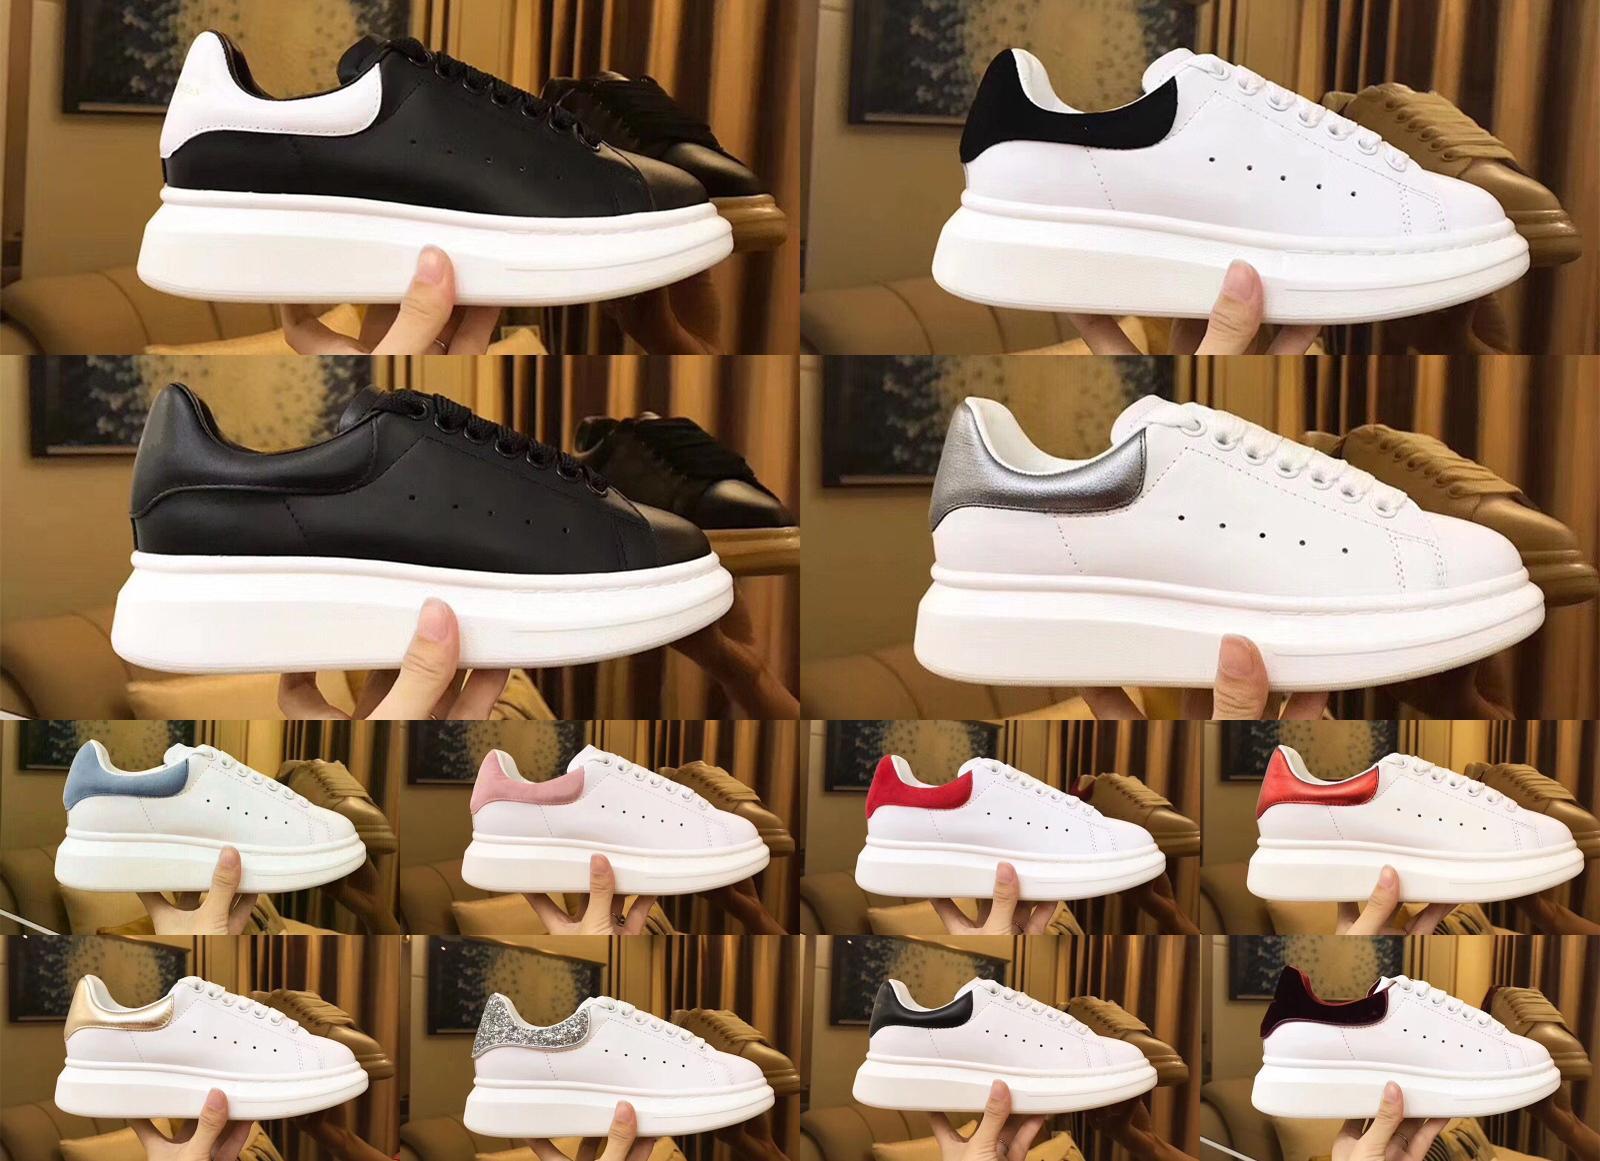 McQueen Shoes الكلاسيكية كوينز الأبيض أحذية أسود أبيض وردي ريال جلد الرجال النساء أحذية عارضة الازياء